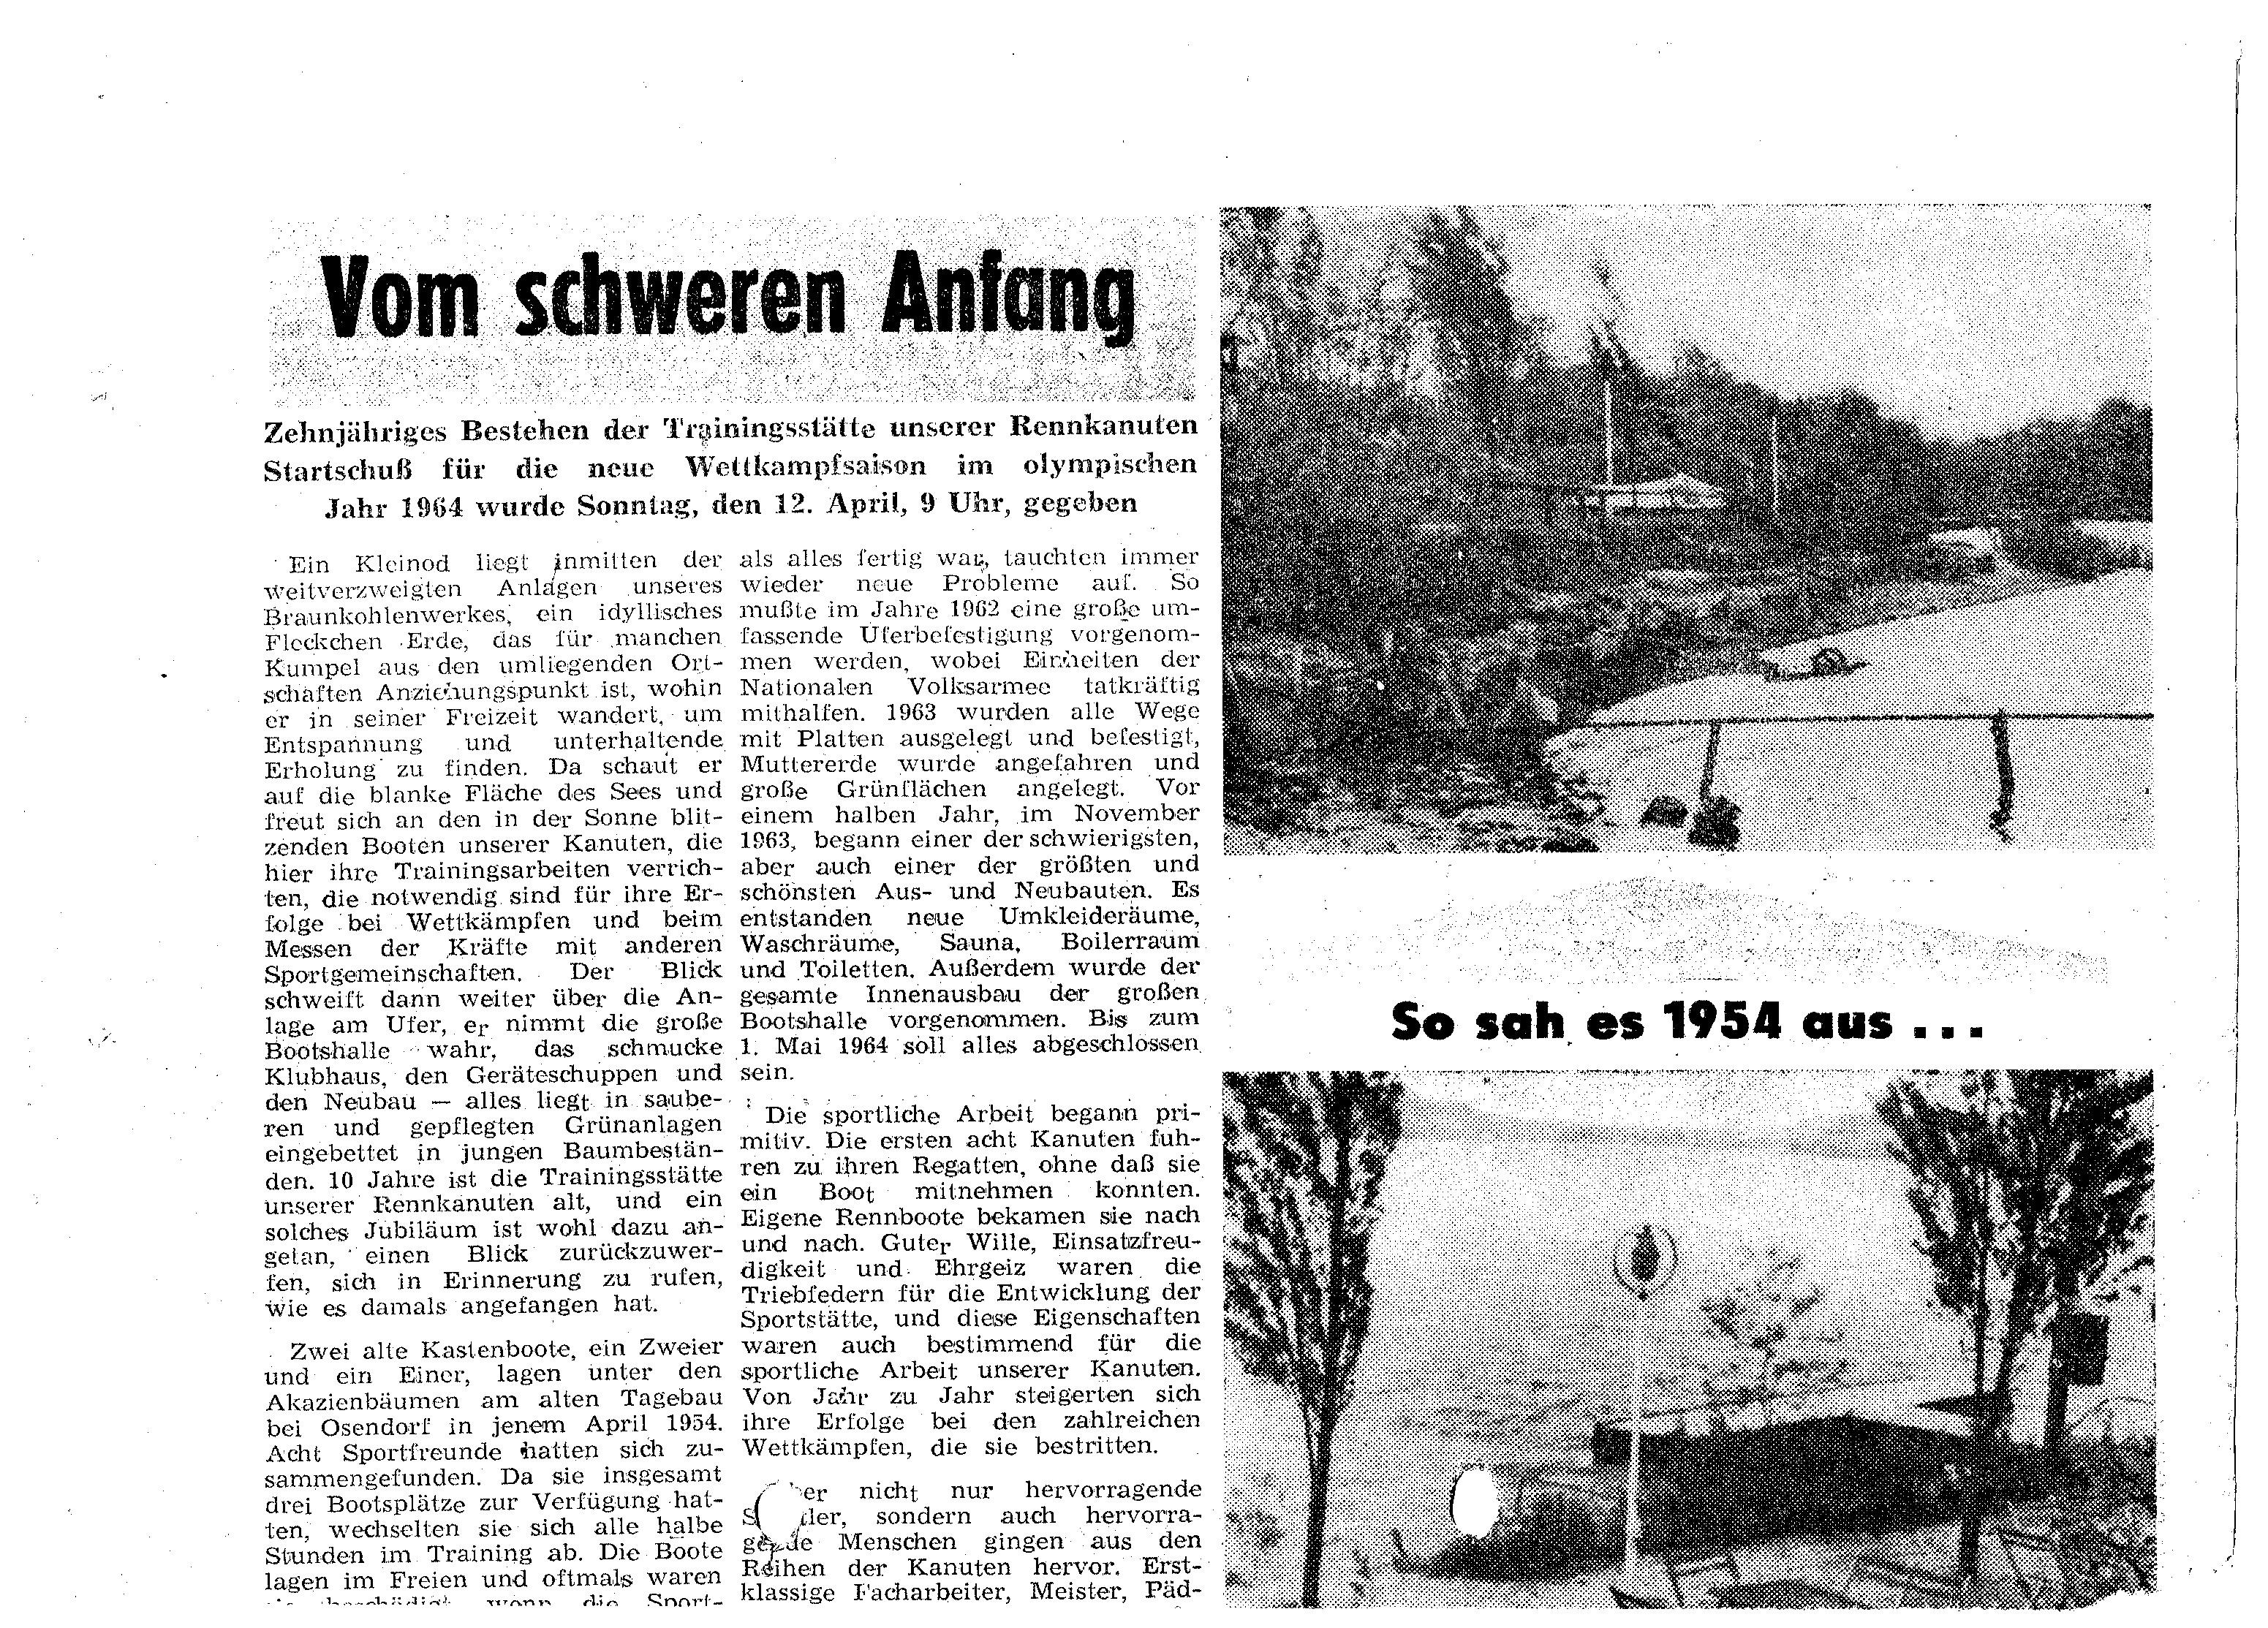 1964-04-12 Vom schweren Anfang